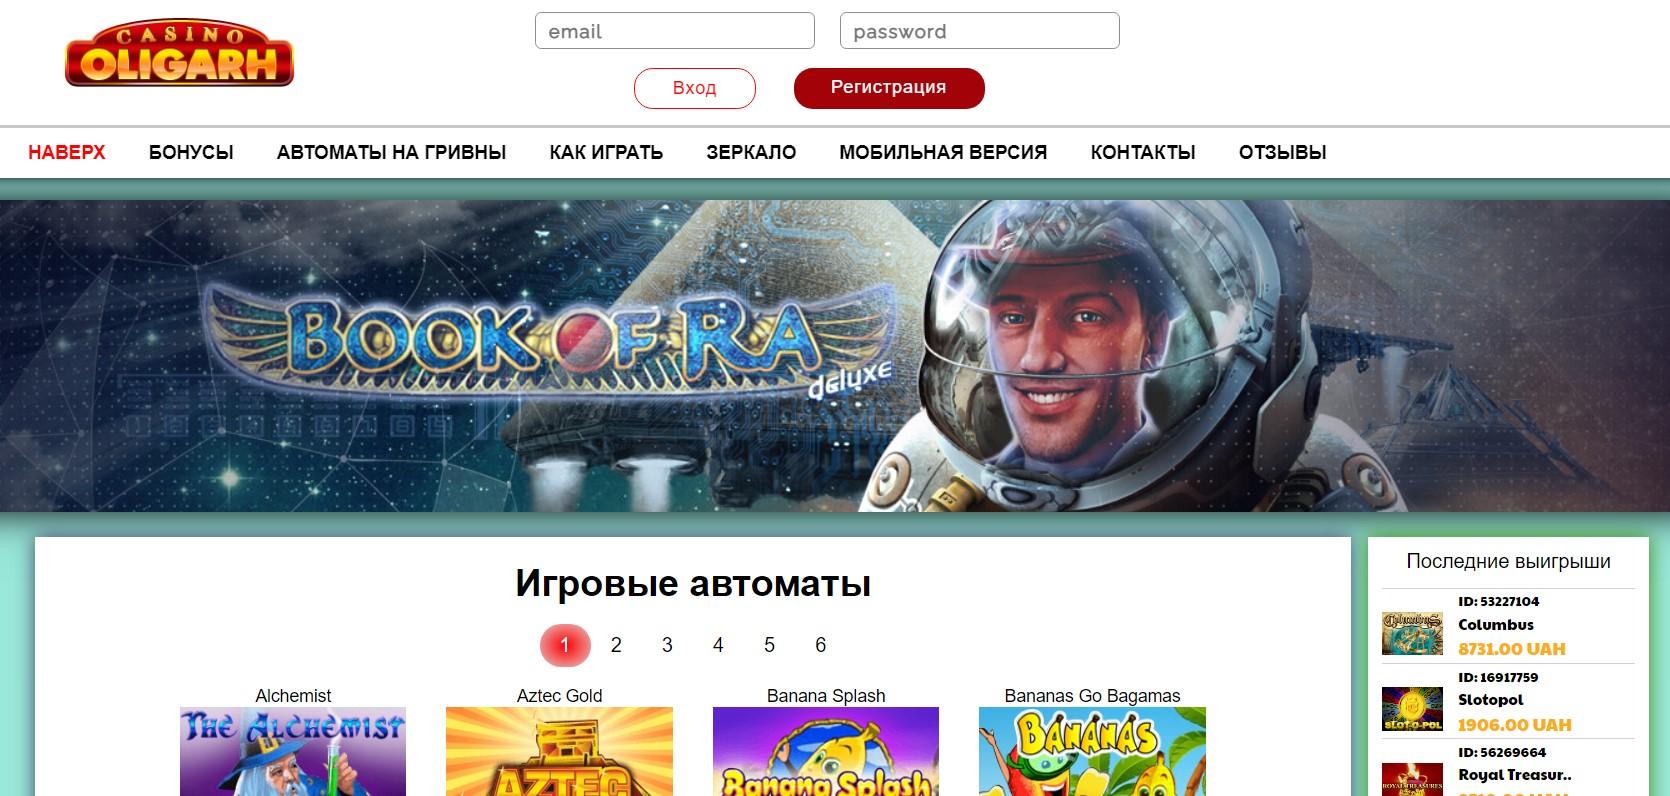 онлайн Олигарх казино